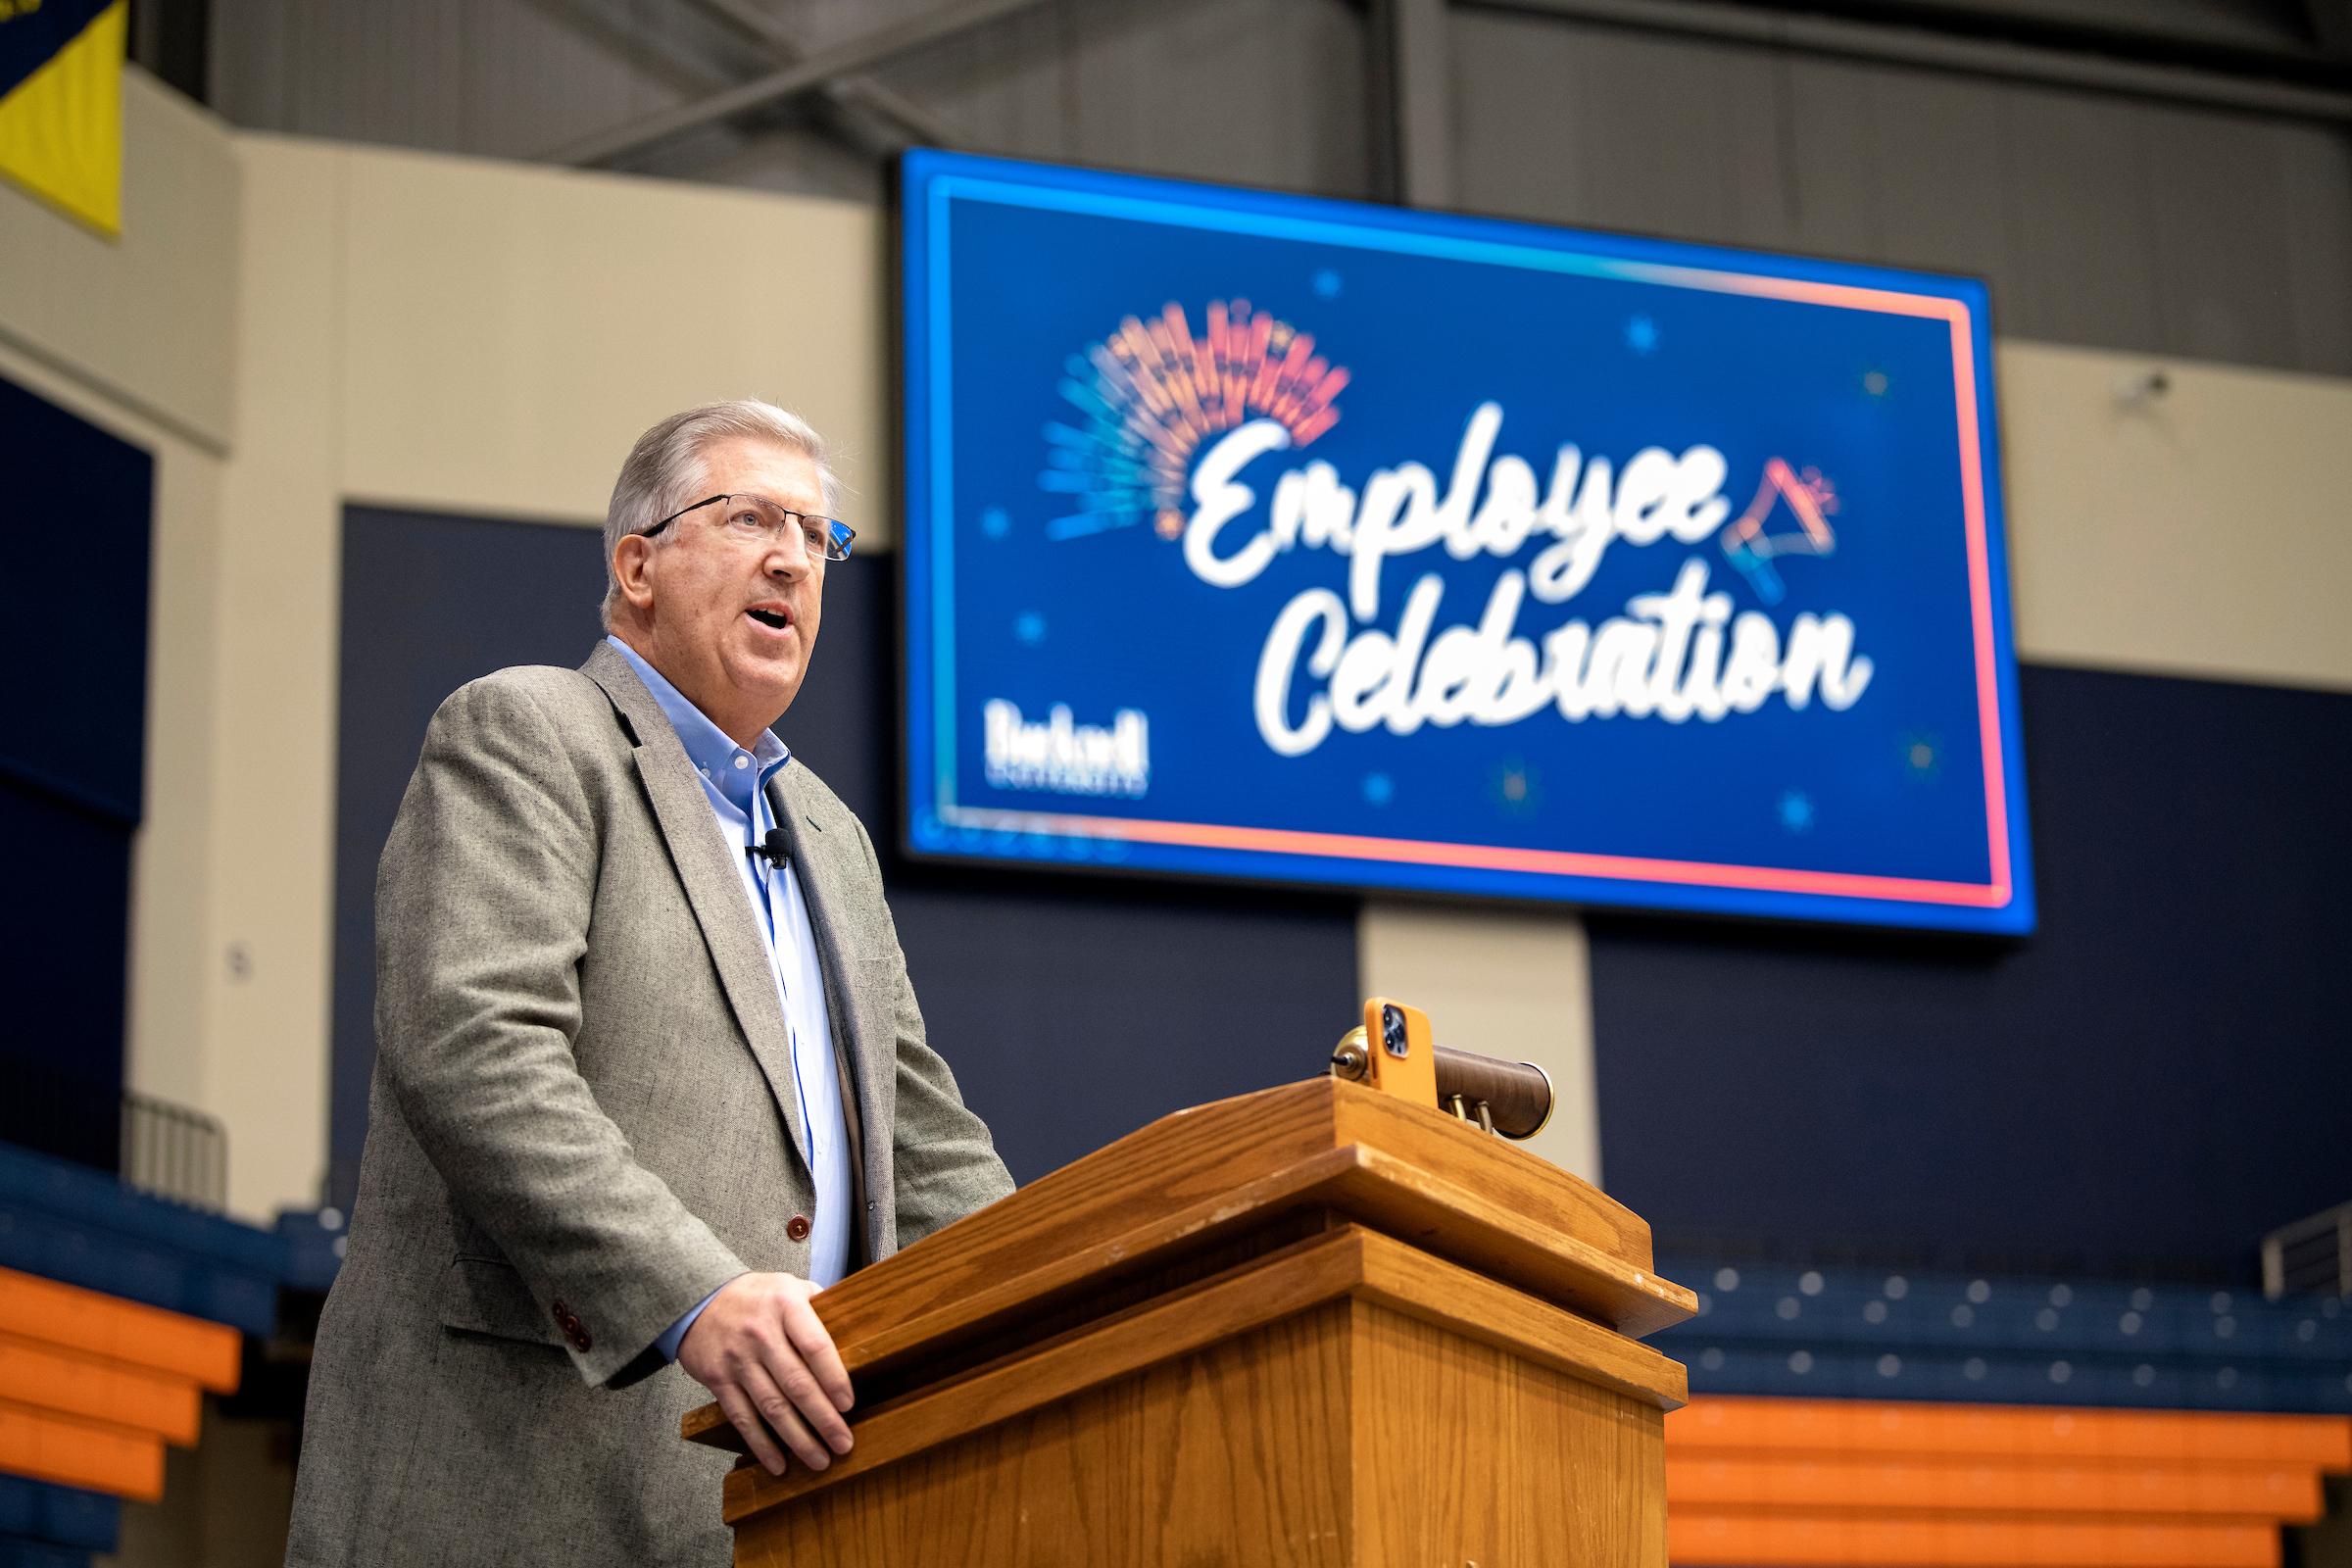 Bravman_Employee_Celebration